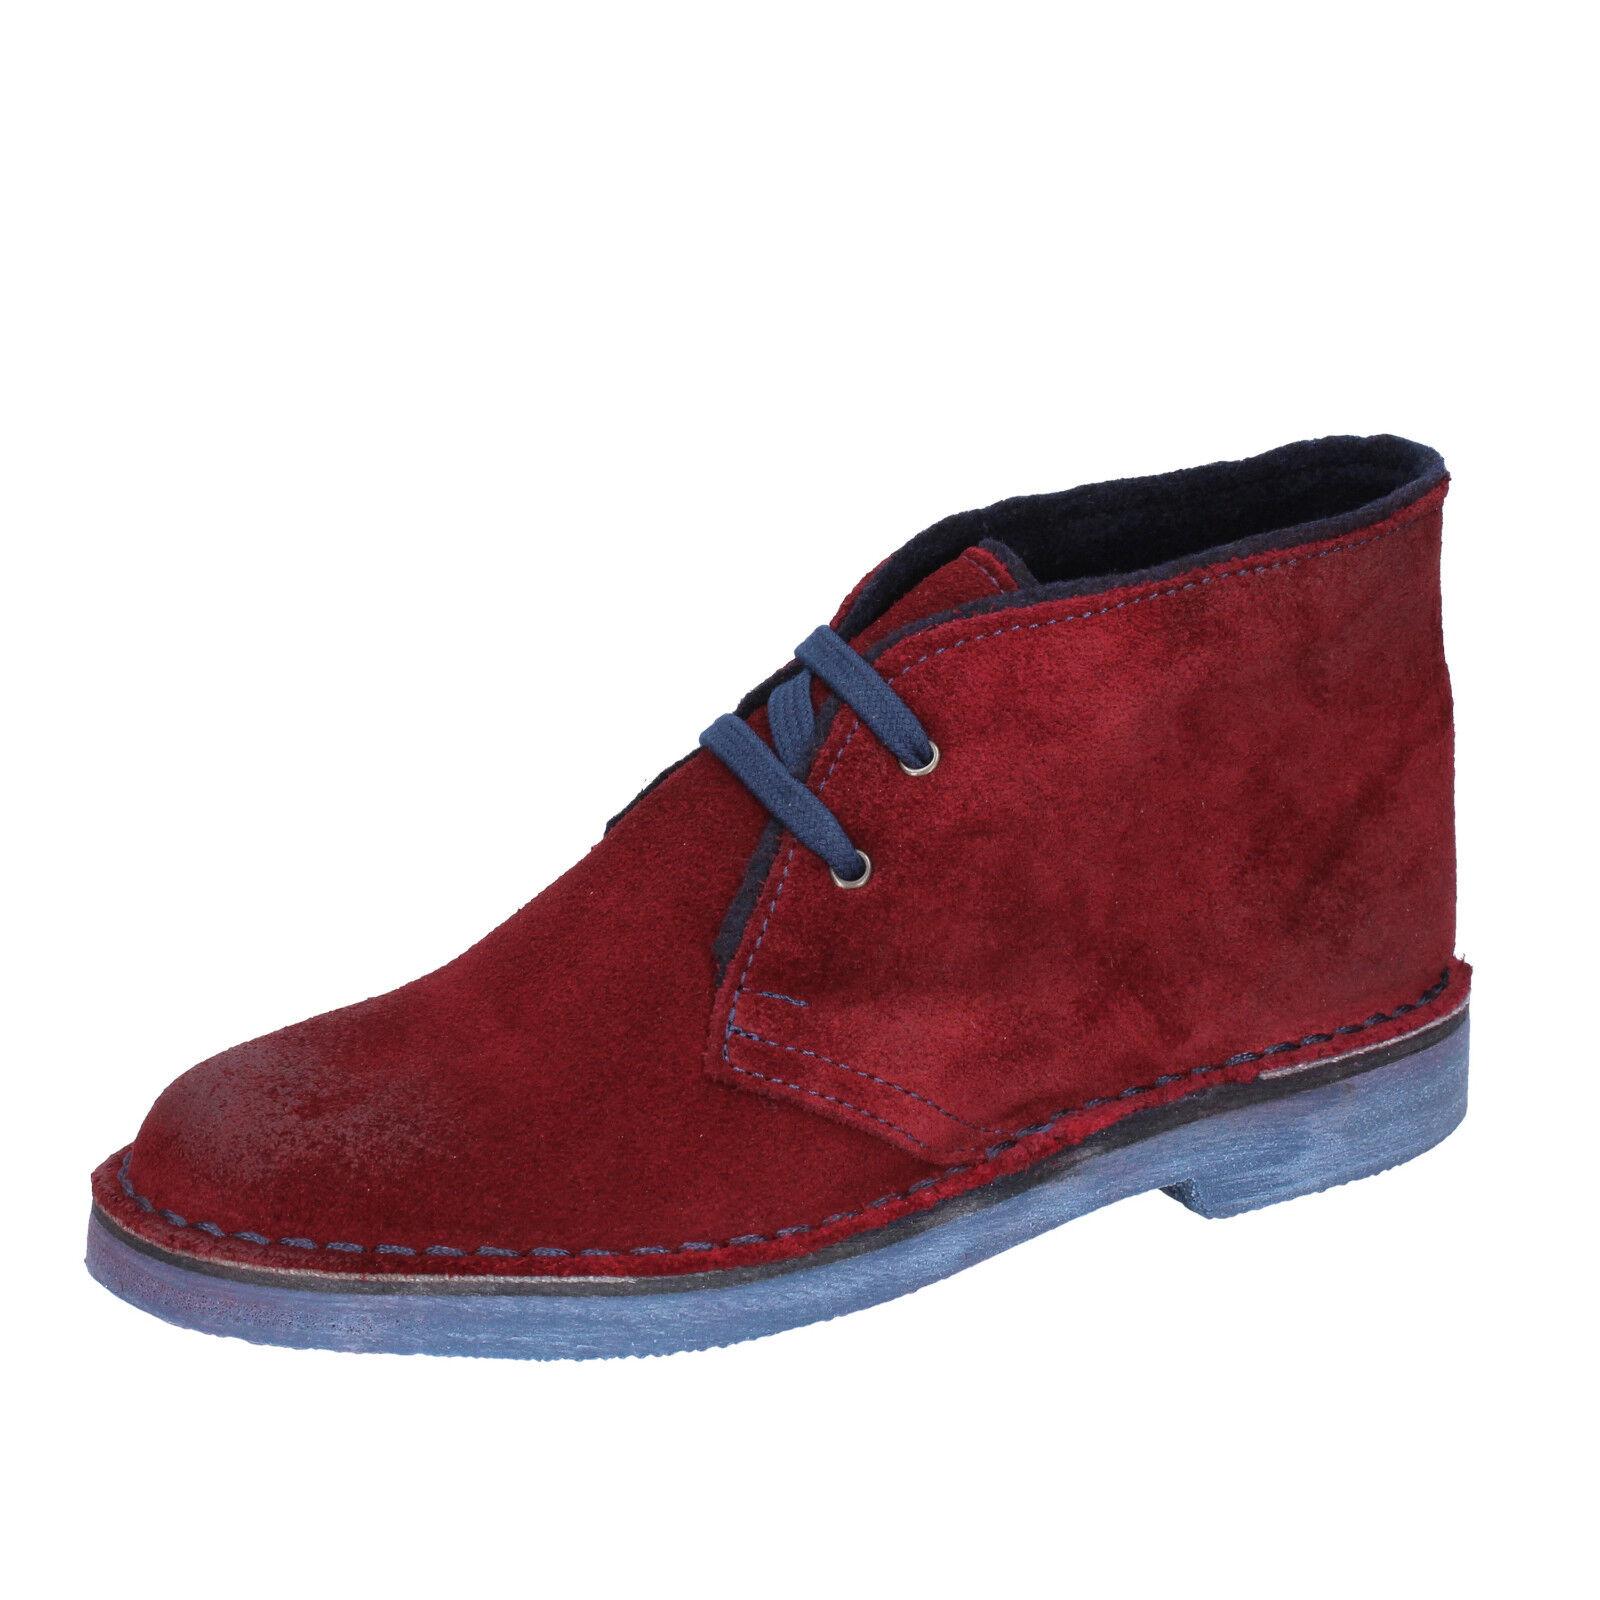 Damen schuhe MISS 20 BY CORAF 39 EU desert boots burgund wildleder BX663-39